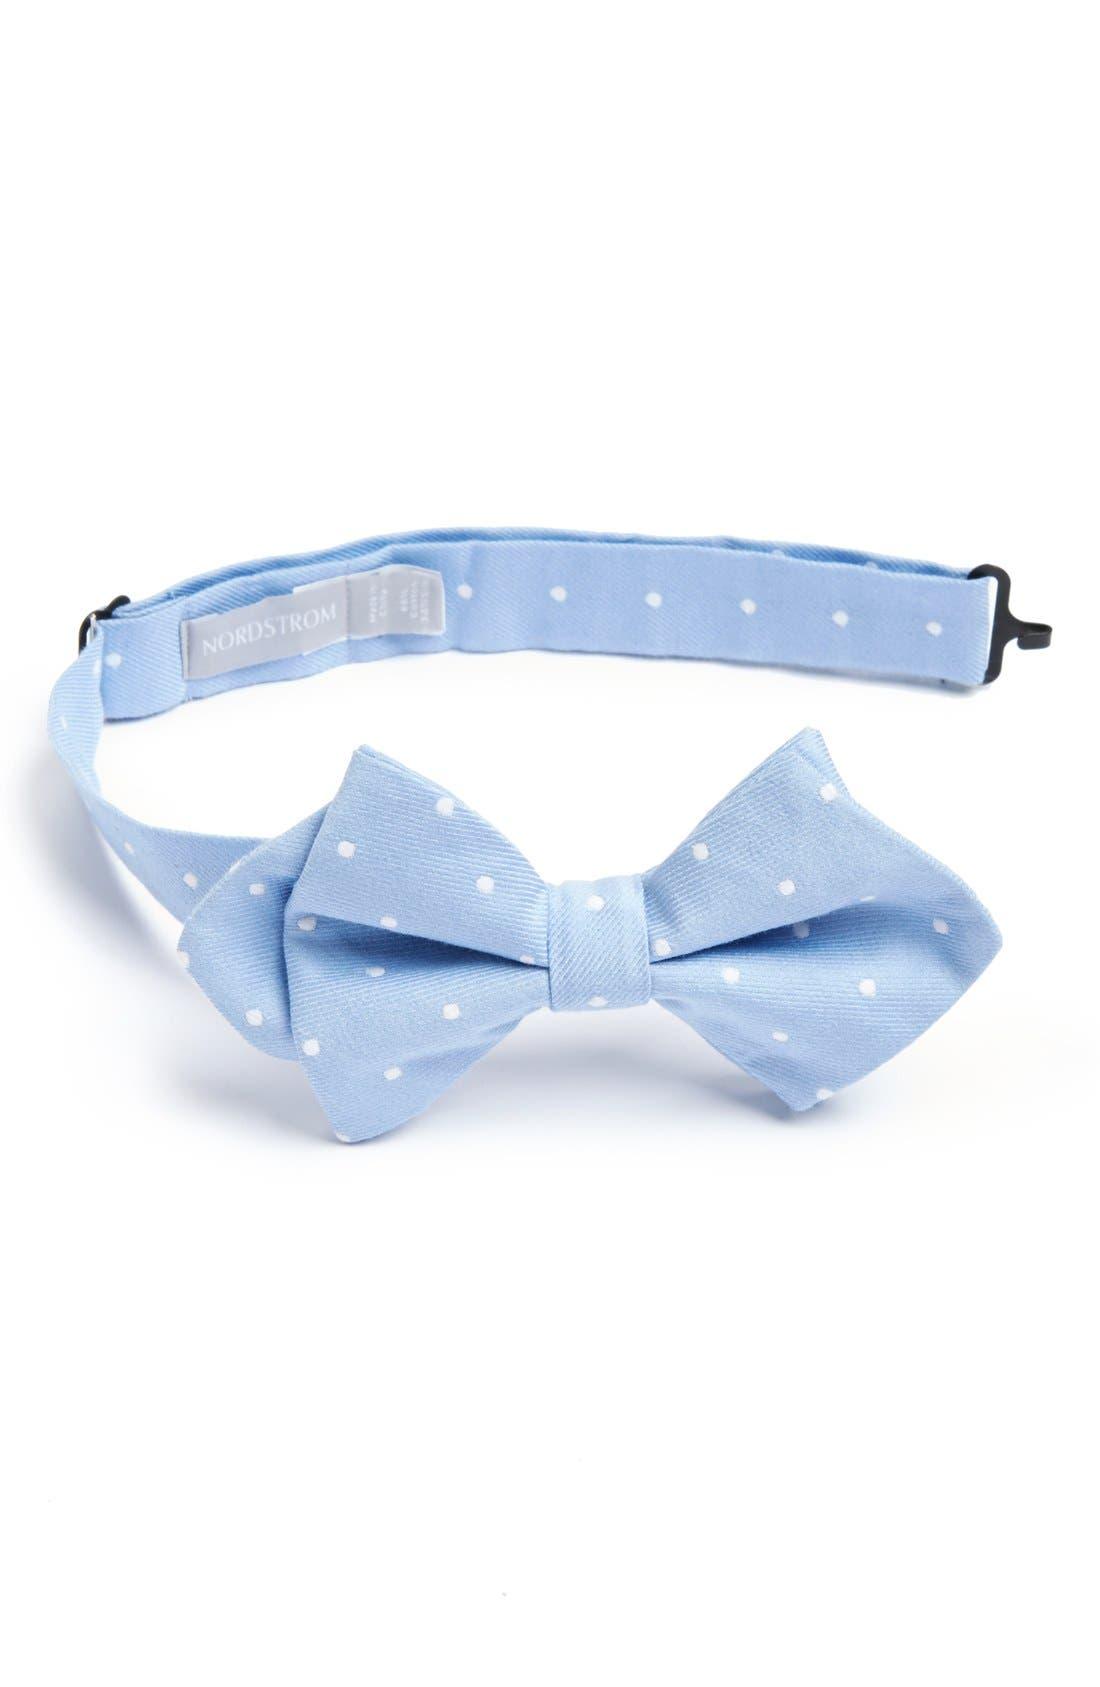 Main Image - Nordstrom Cotton & Silk Bow Tie (Big Boys)